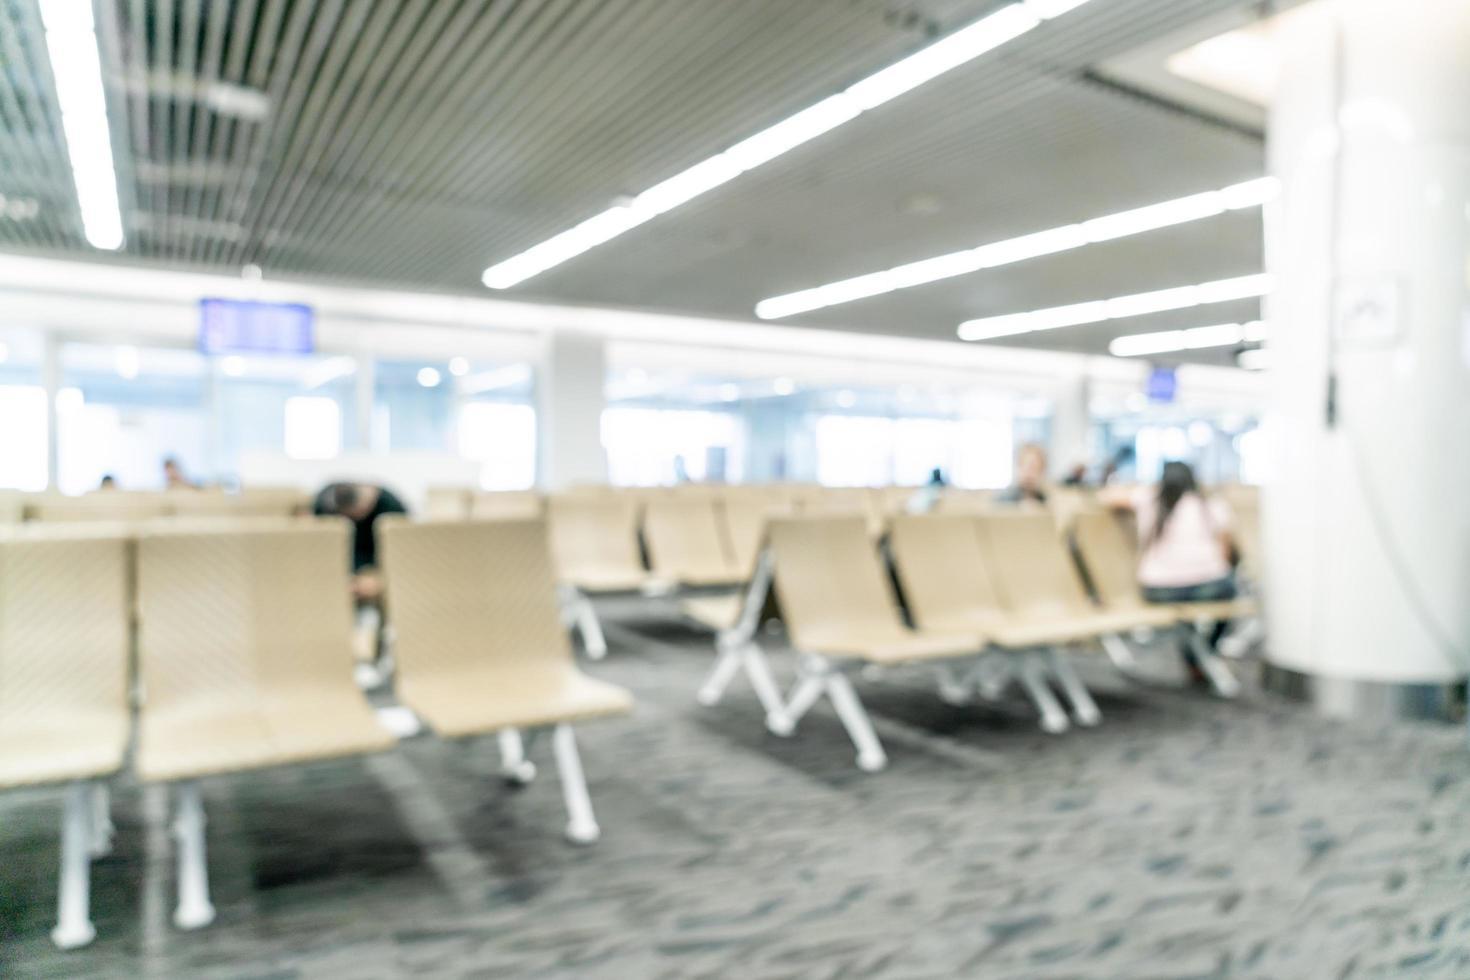 flou abstrait à l'aéroport pour le fond photo